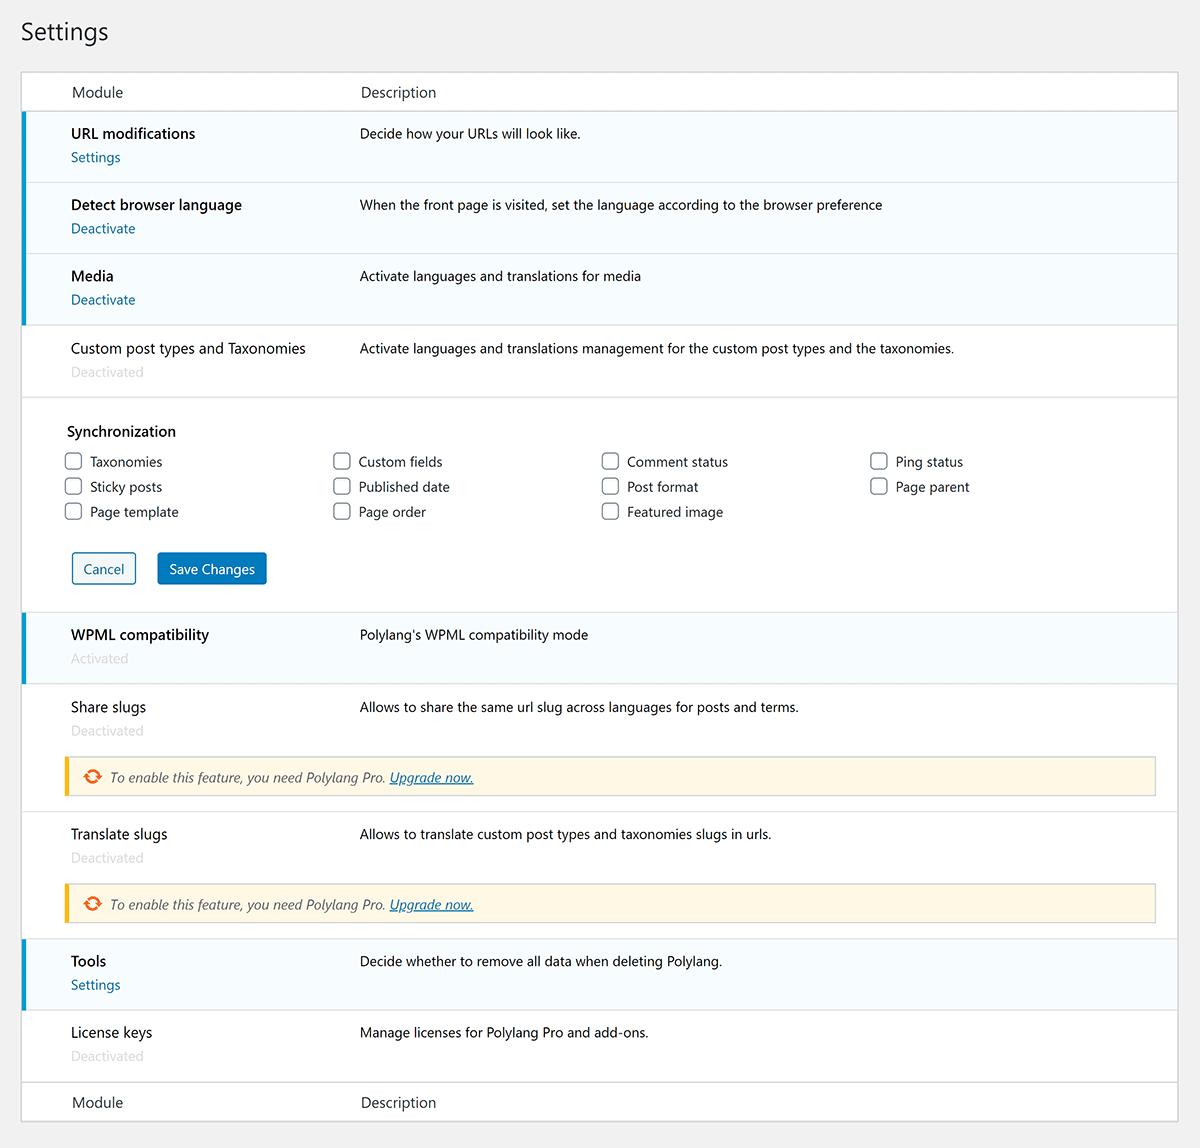 Polylang Settings Page